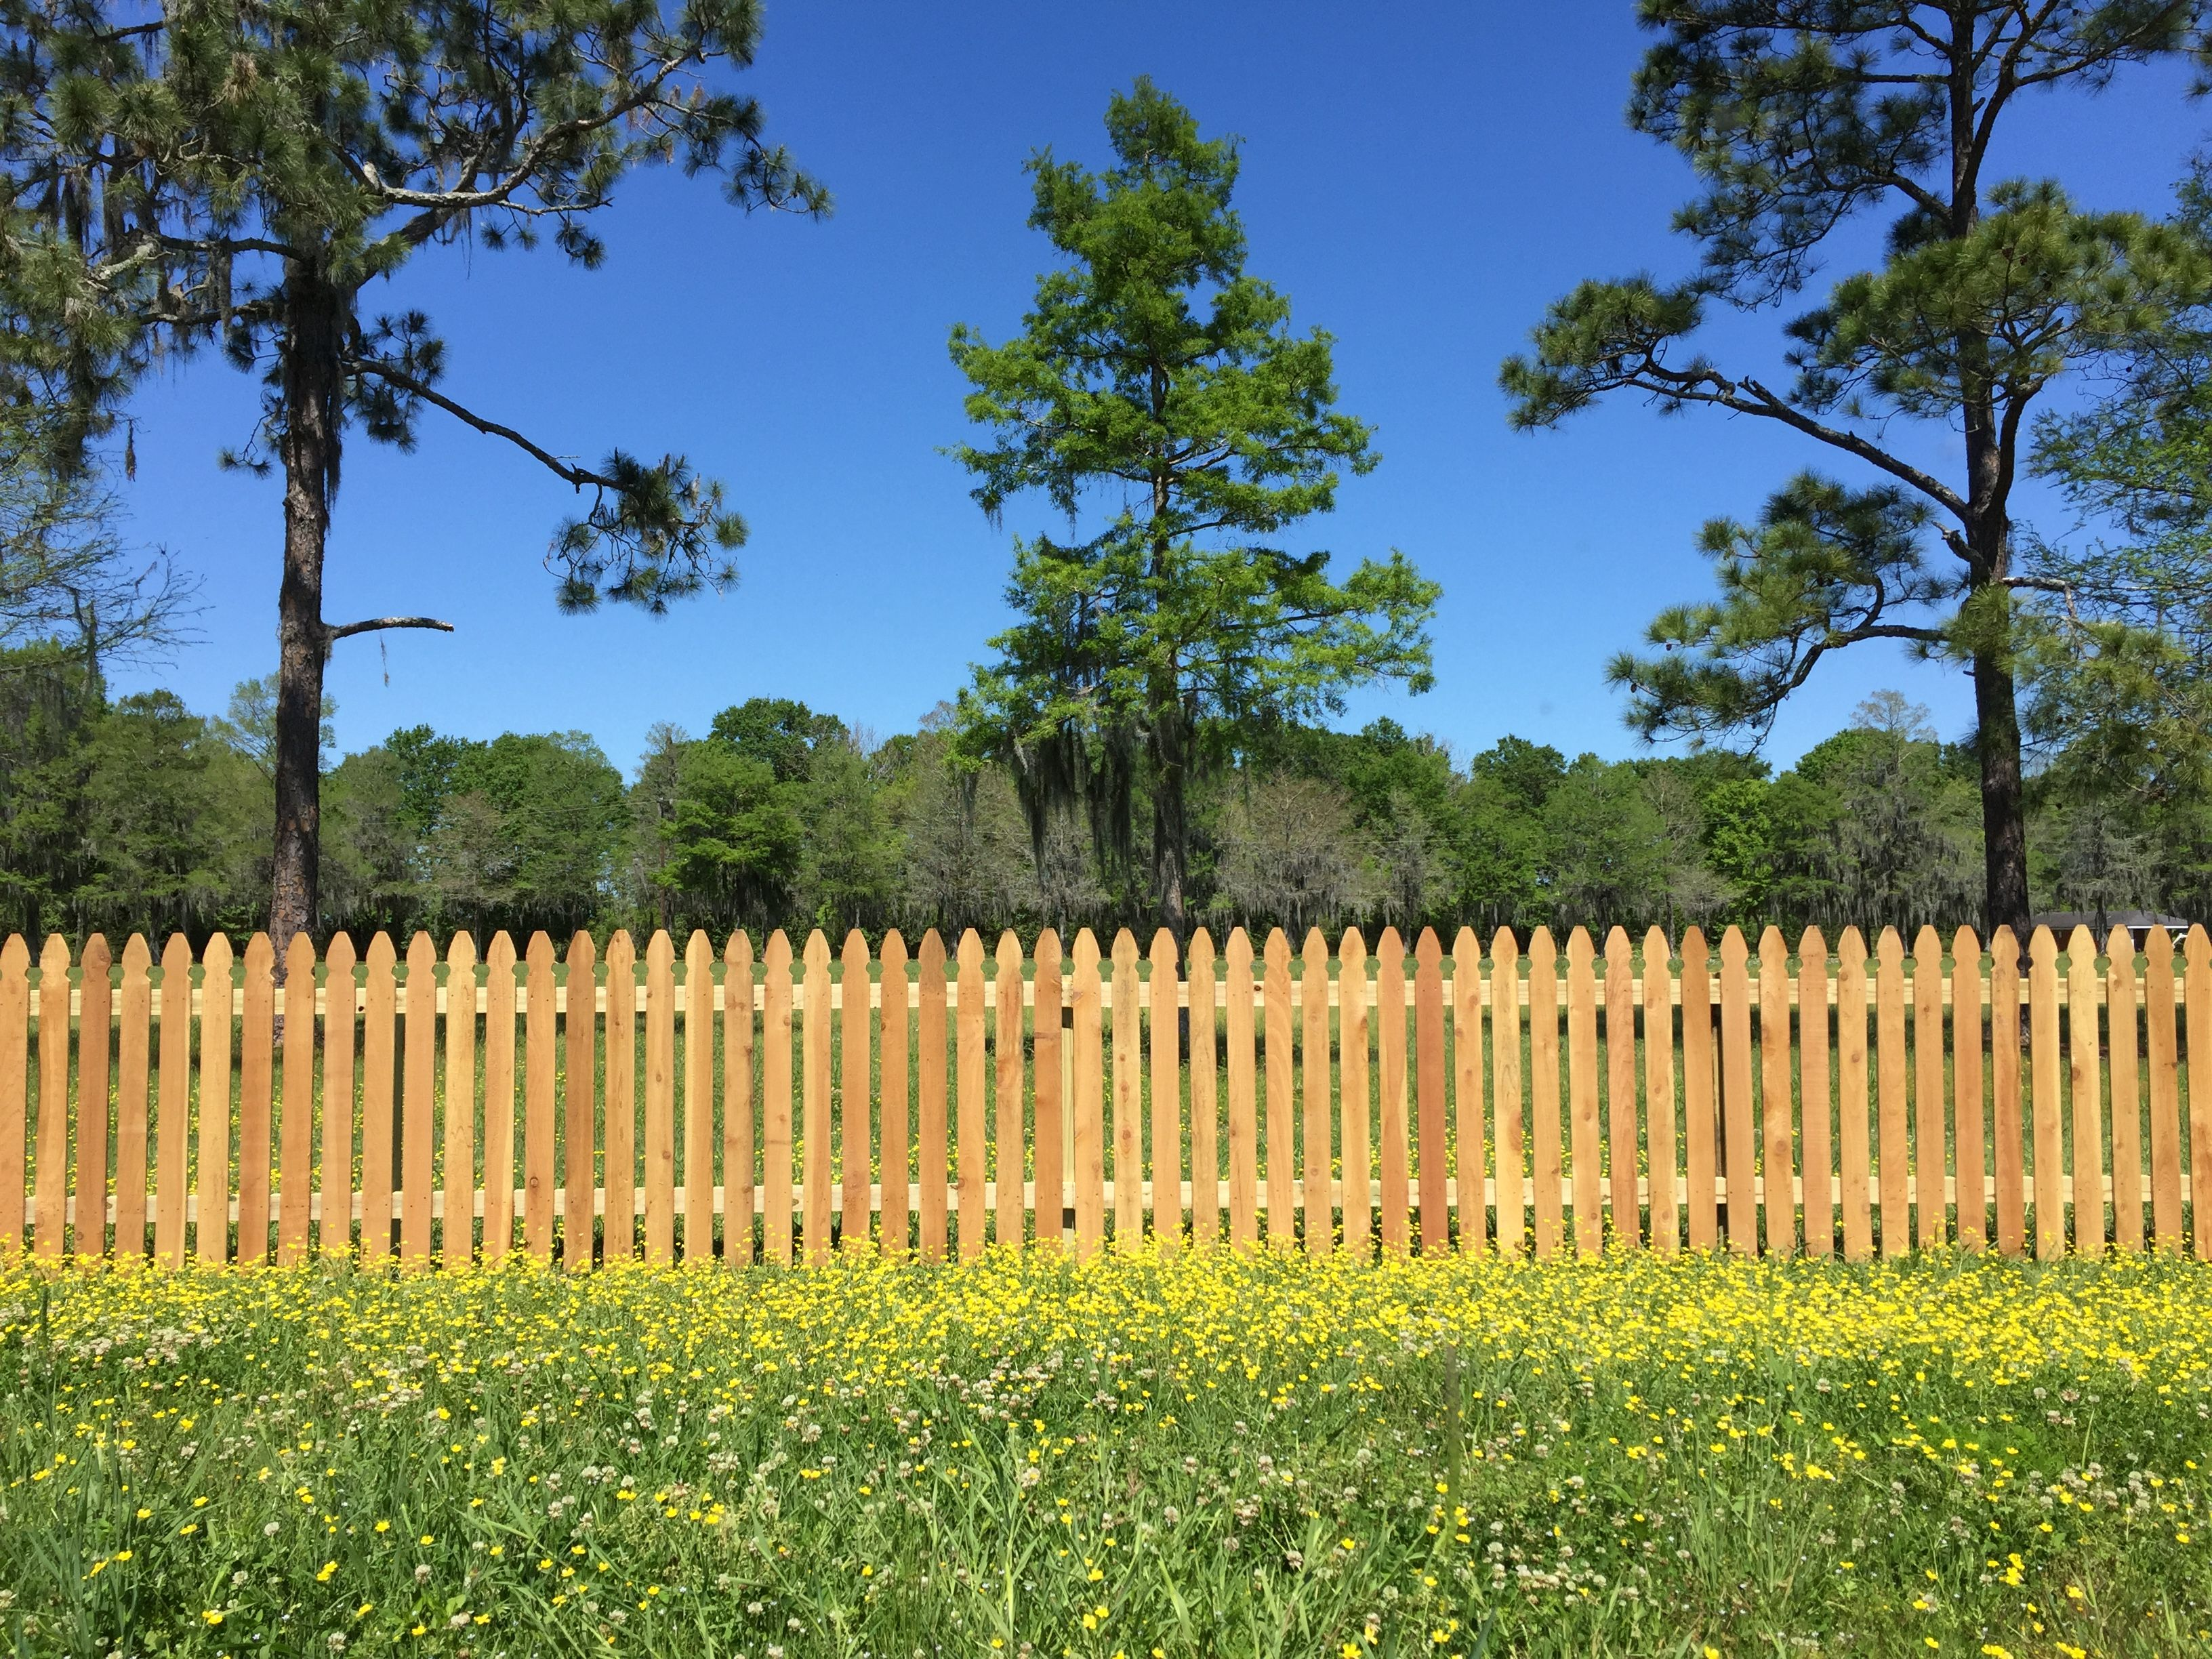 4 Ft Cedar Picket Fence Wood Fence Design Backyard Design Fence